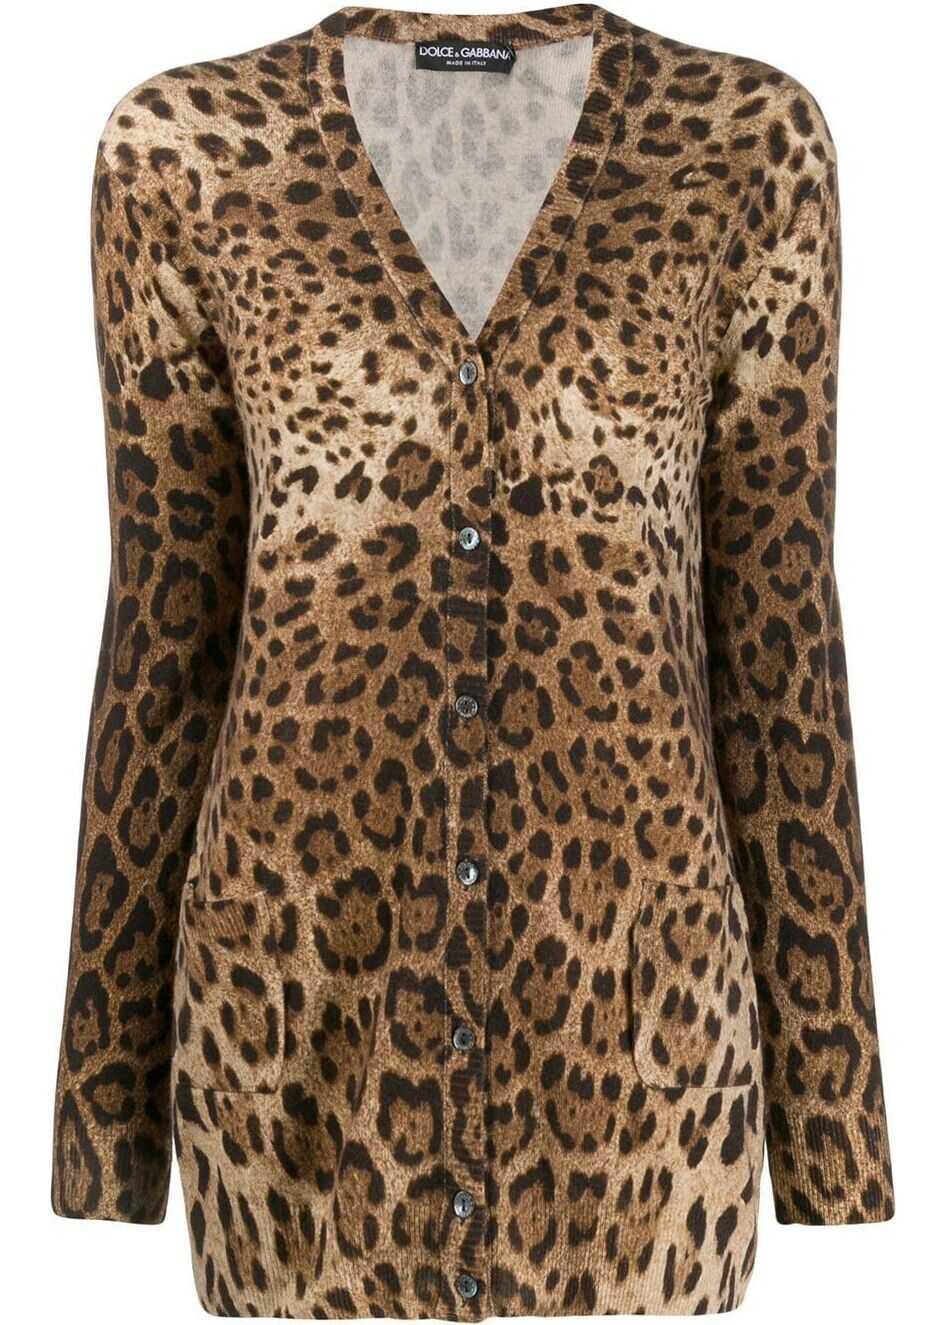 Dolce & Gabbana Cashmere Cardigan BROWN